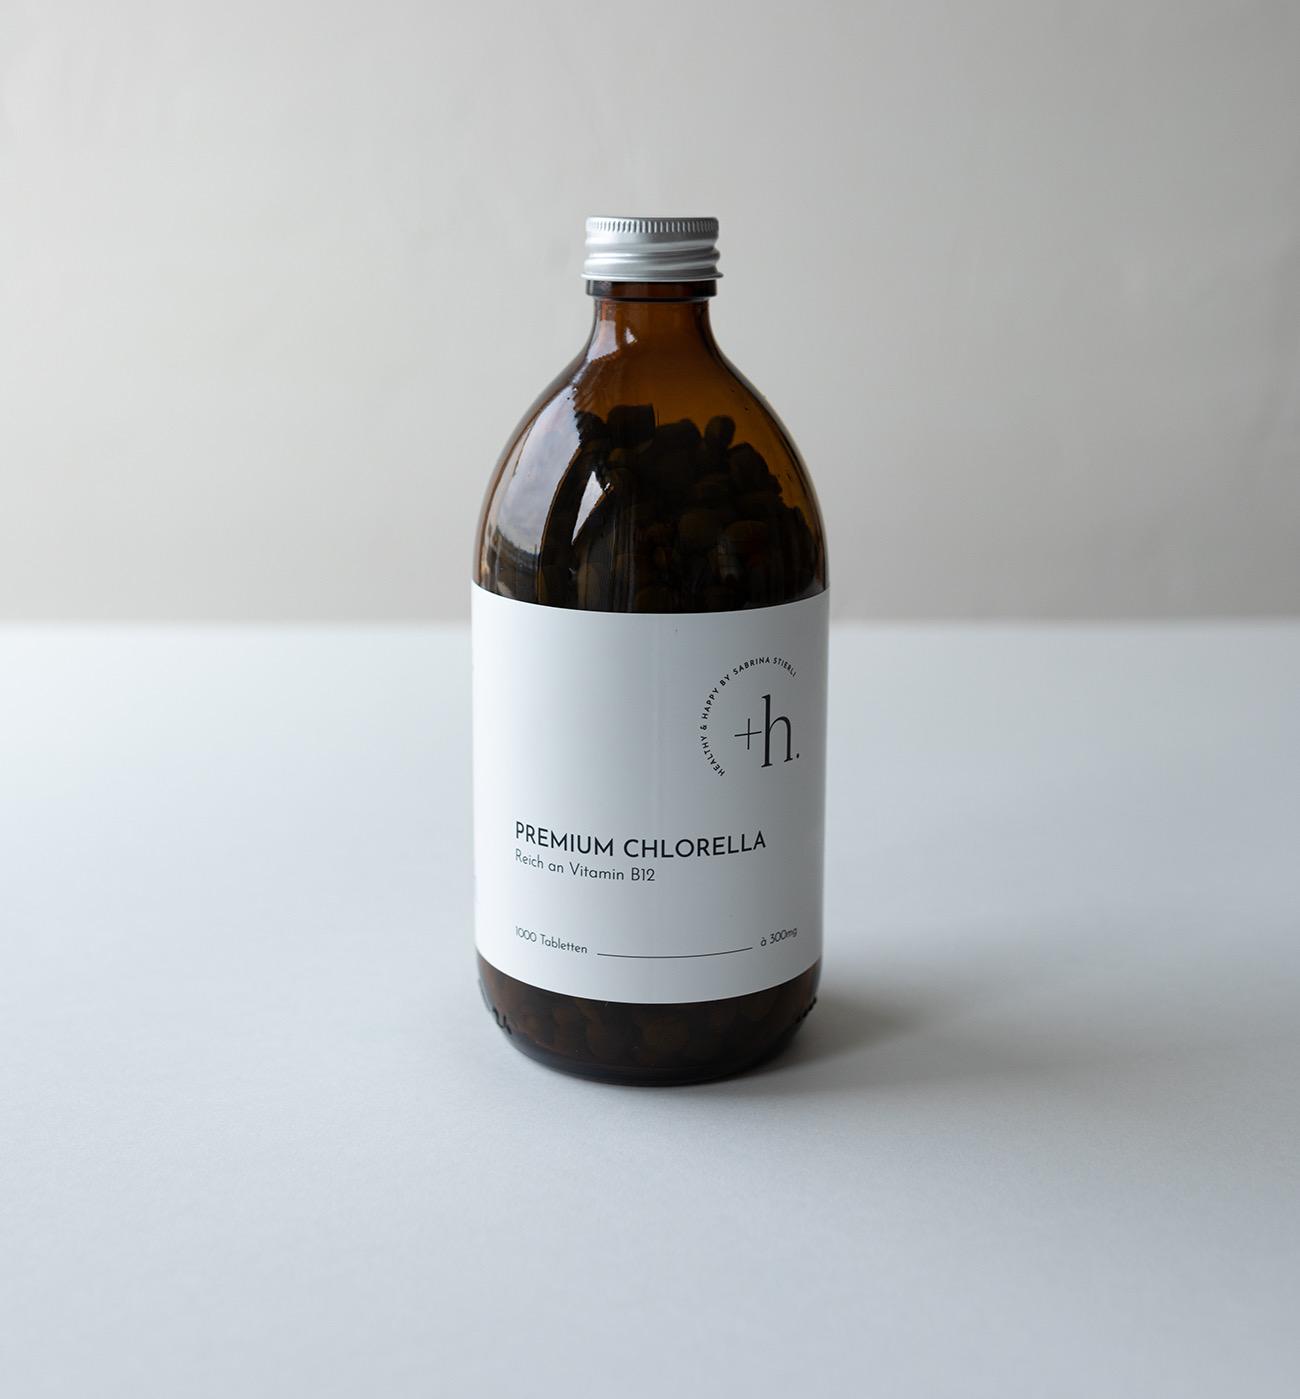 Premium Chlorella